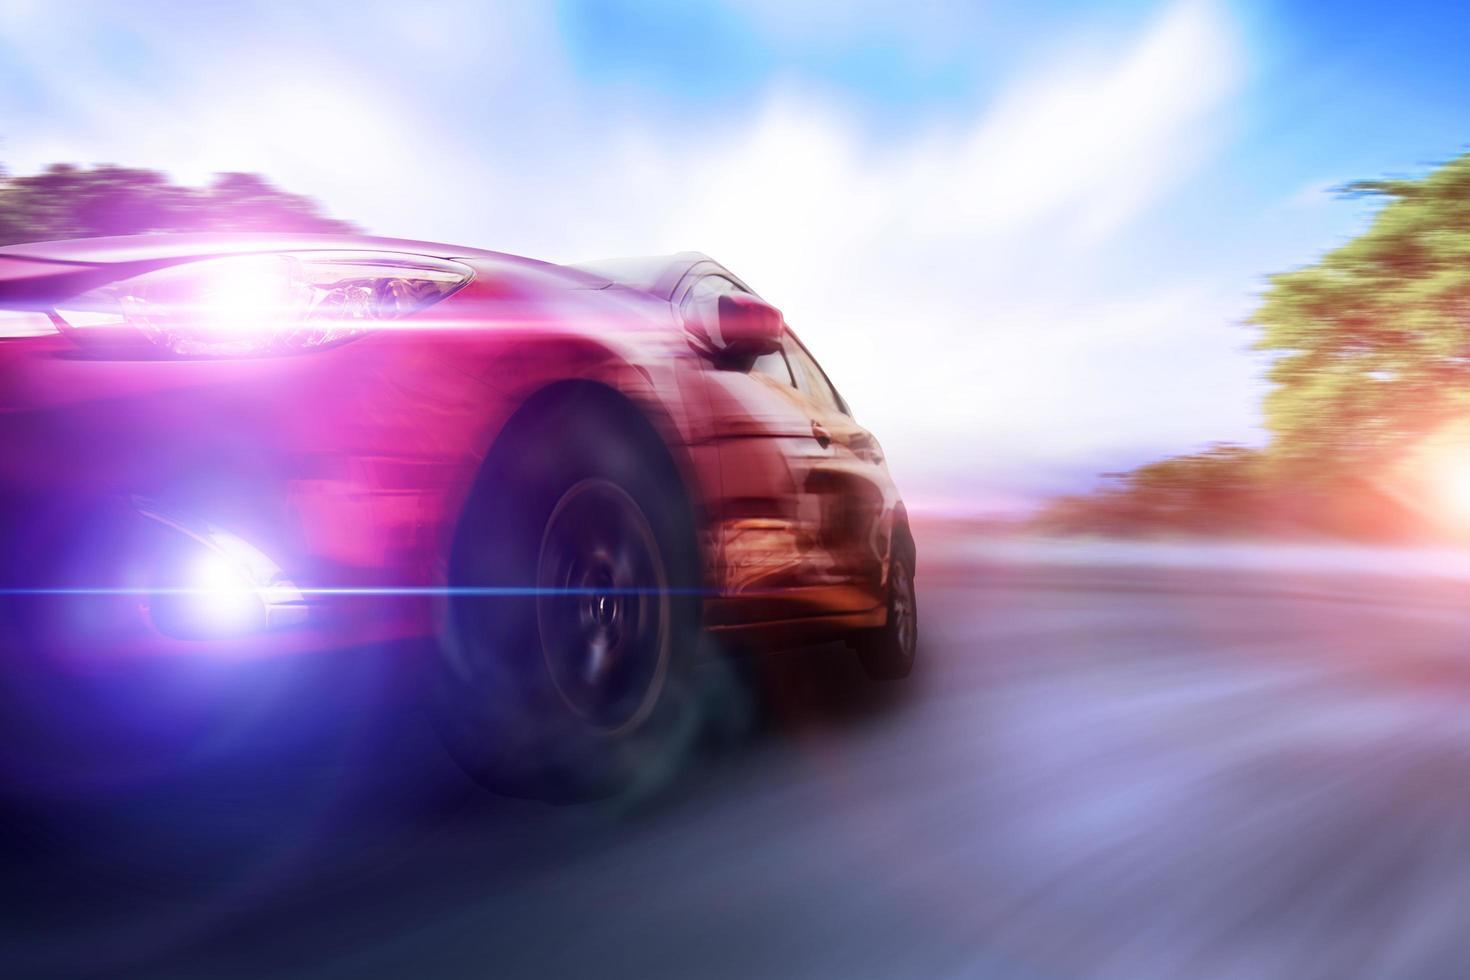 macchina che accelera sulla strada foto